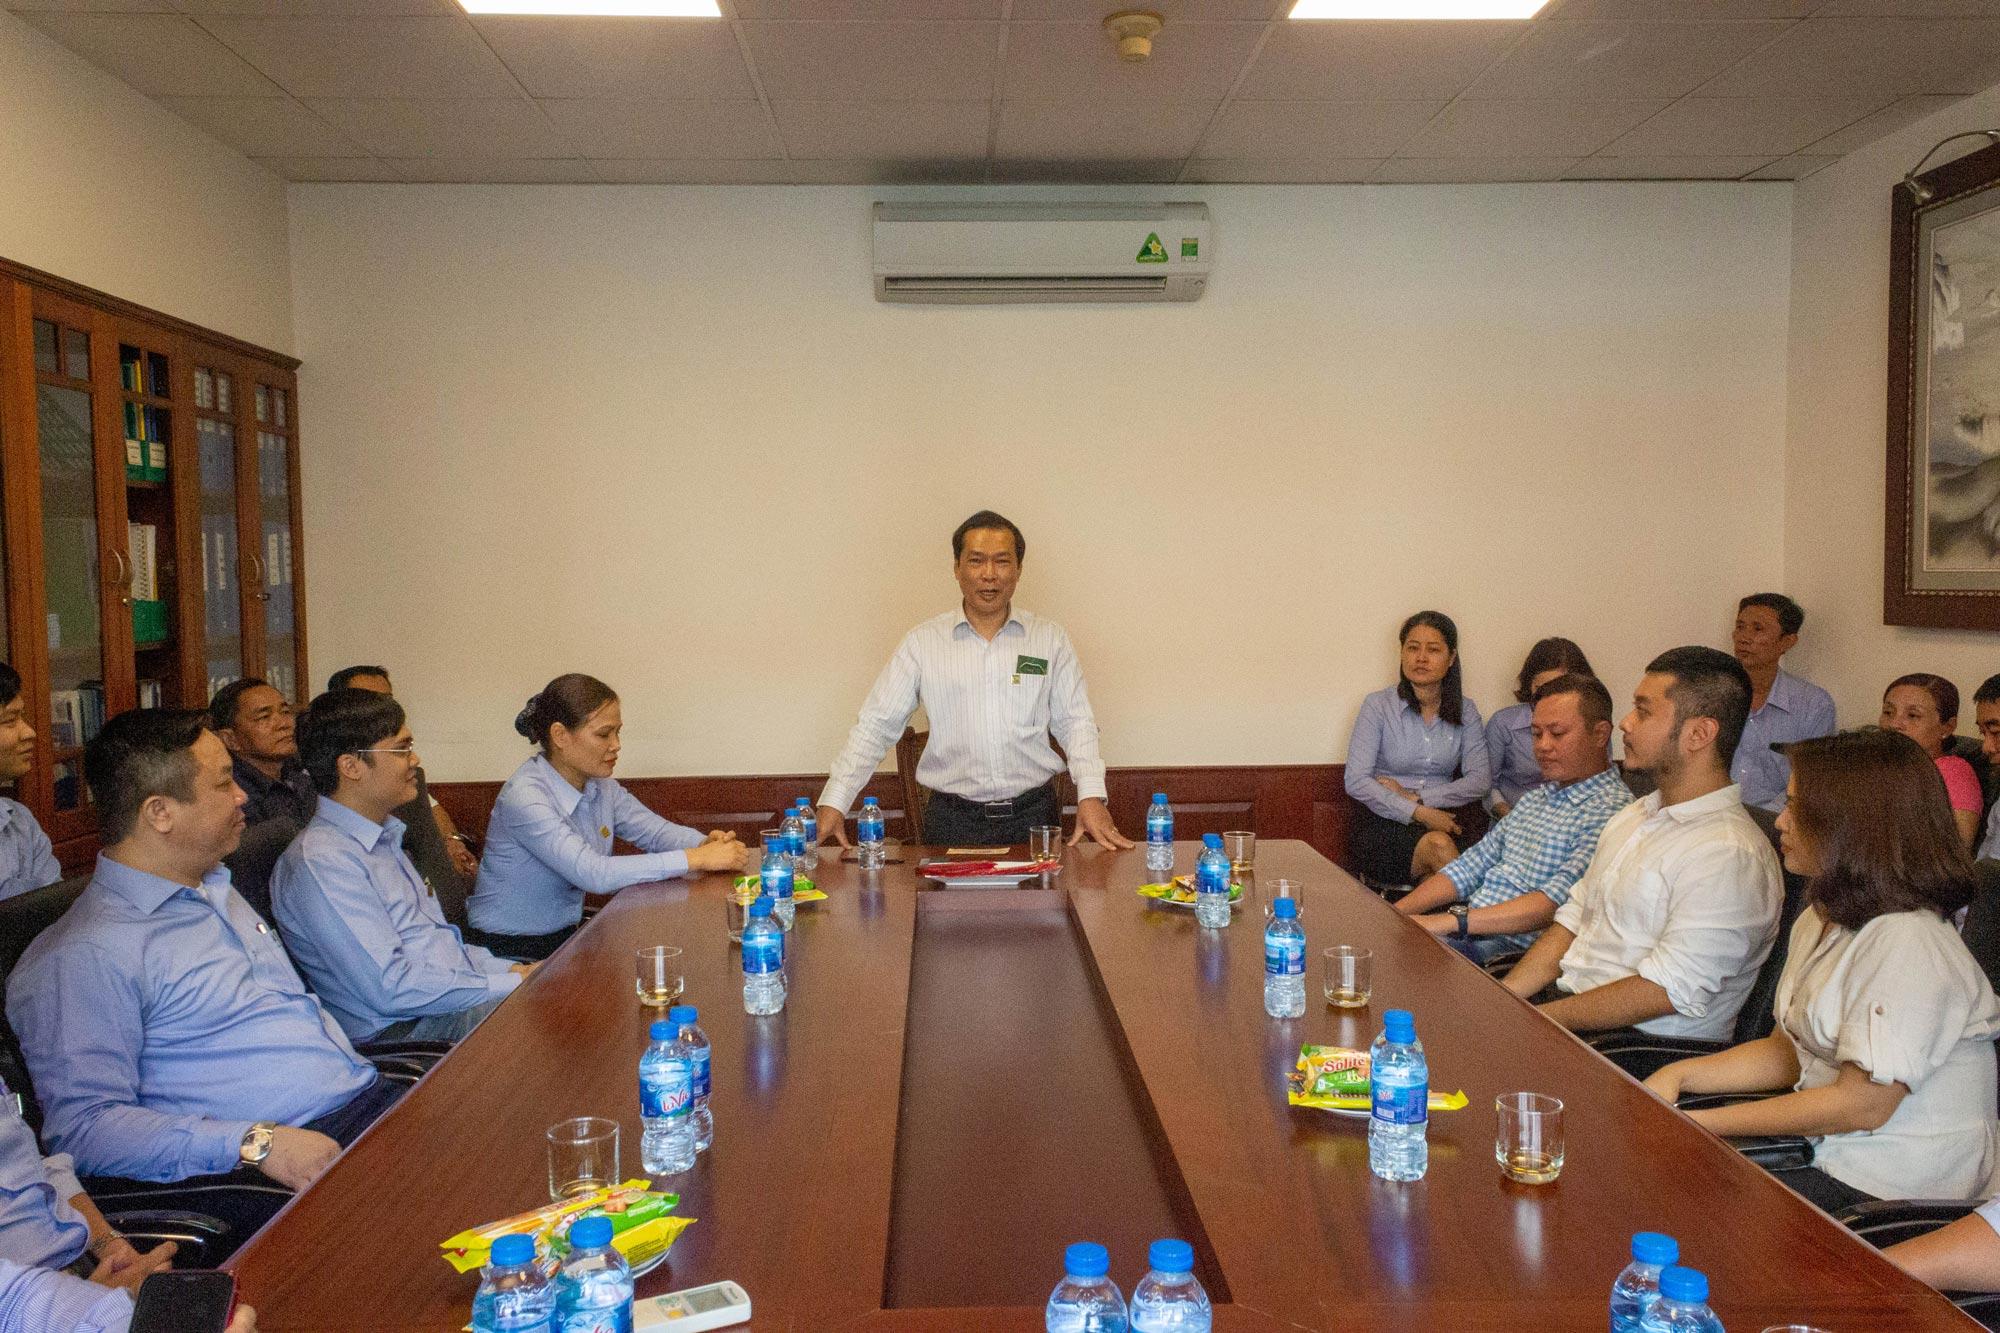 Ông Vũ Duy Hải - Tổng Giám Đốc Tập đoàn Vinacam phát biểu khai xuân 2020